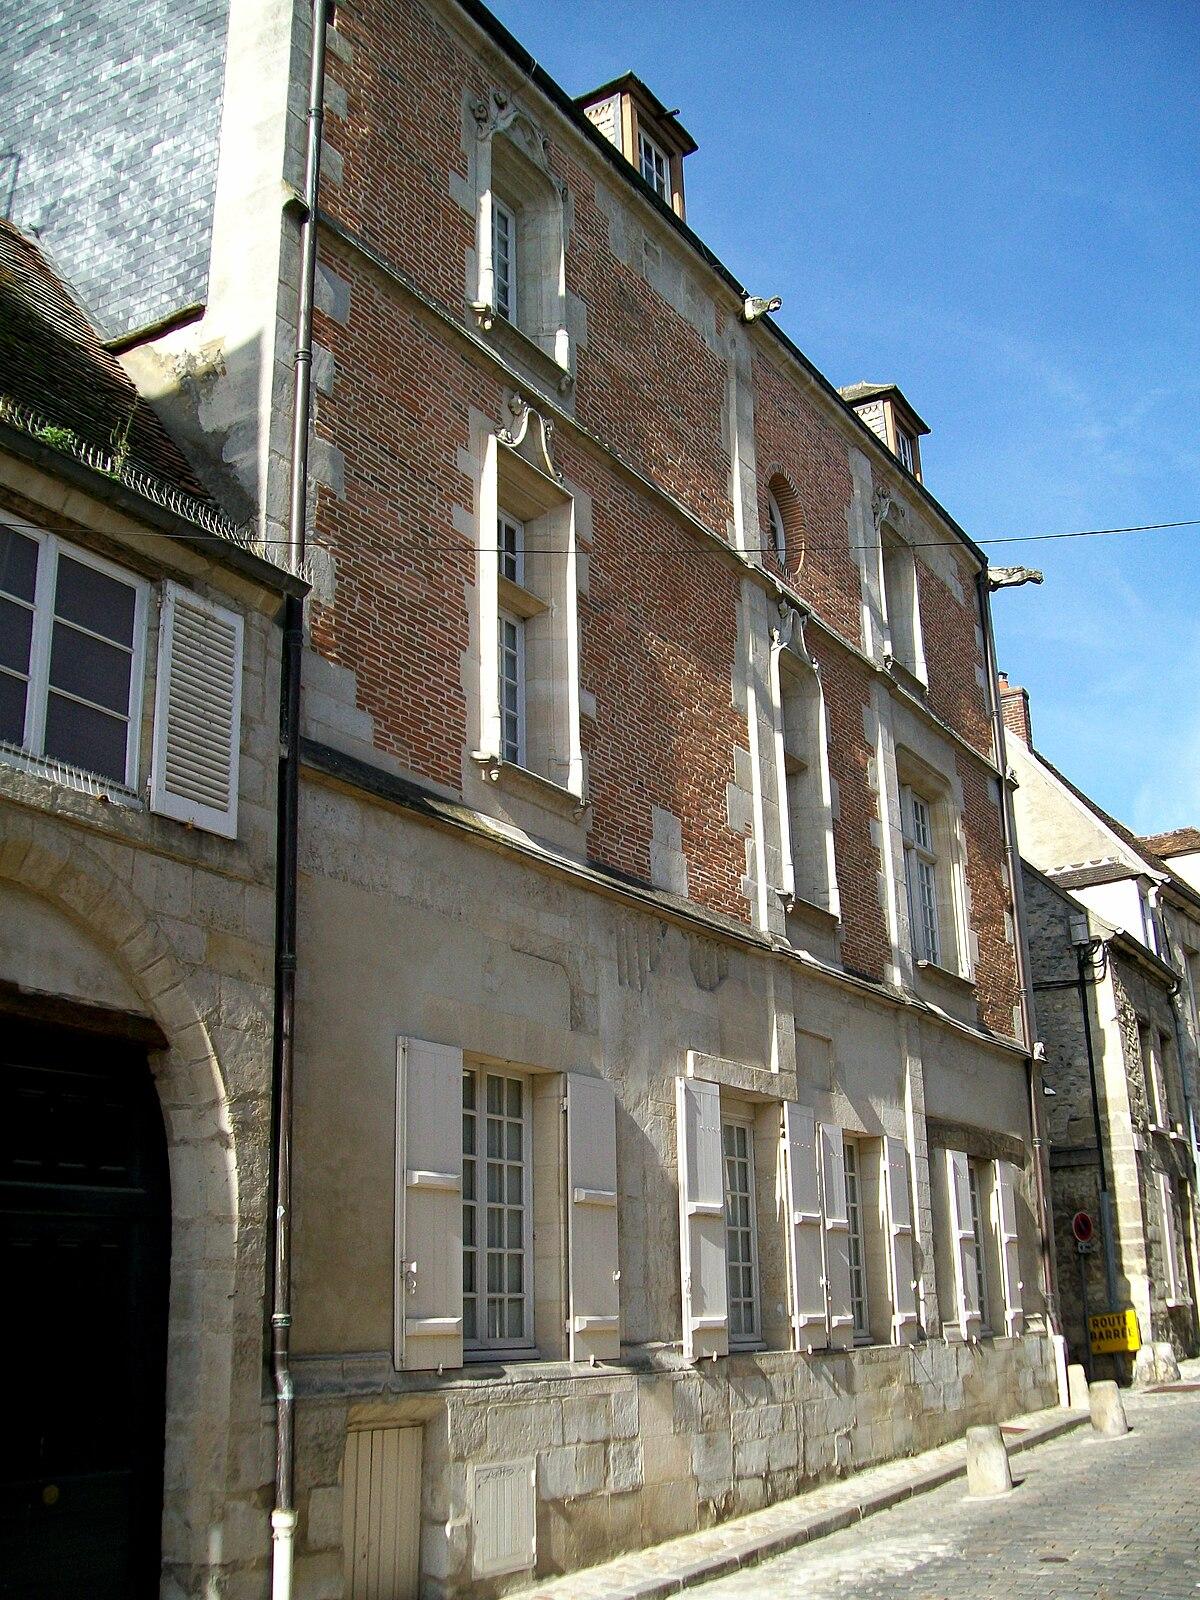 Rue Du  Ao Ef Bf Bdt  Vill